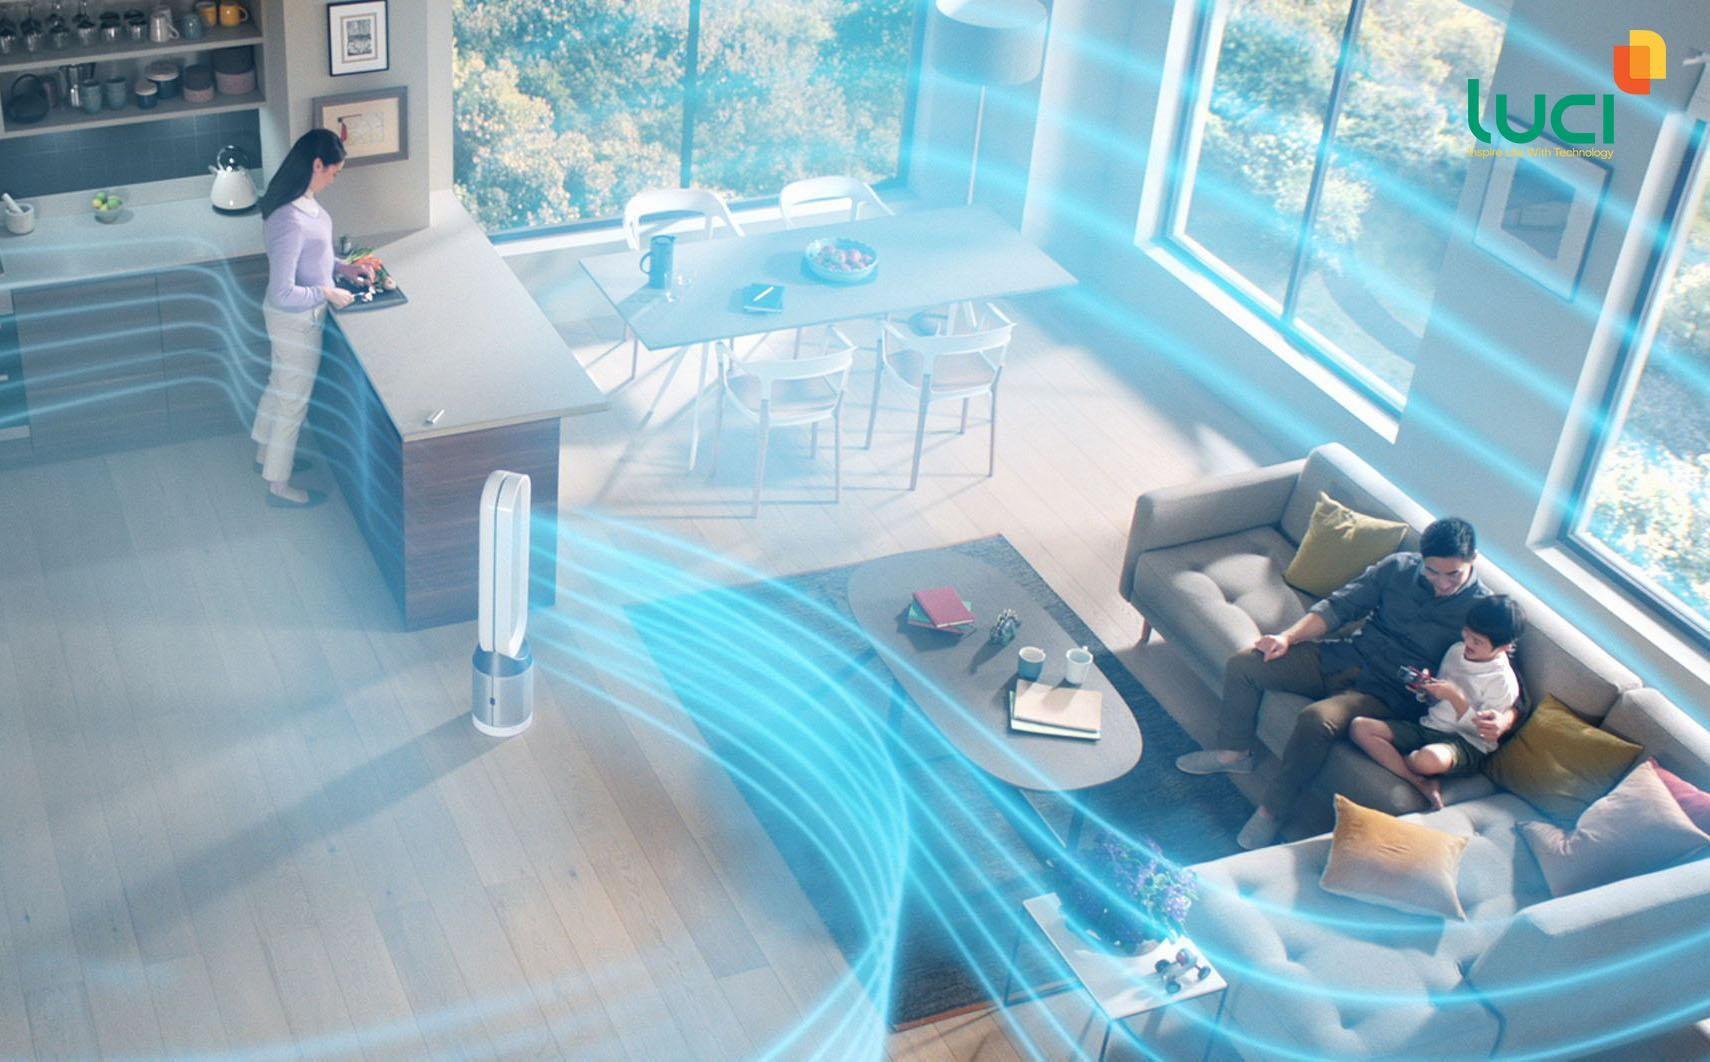 Máy lọc không khí giúp bảo vệ sức khỏe gia đình khỏi bụi bẩn